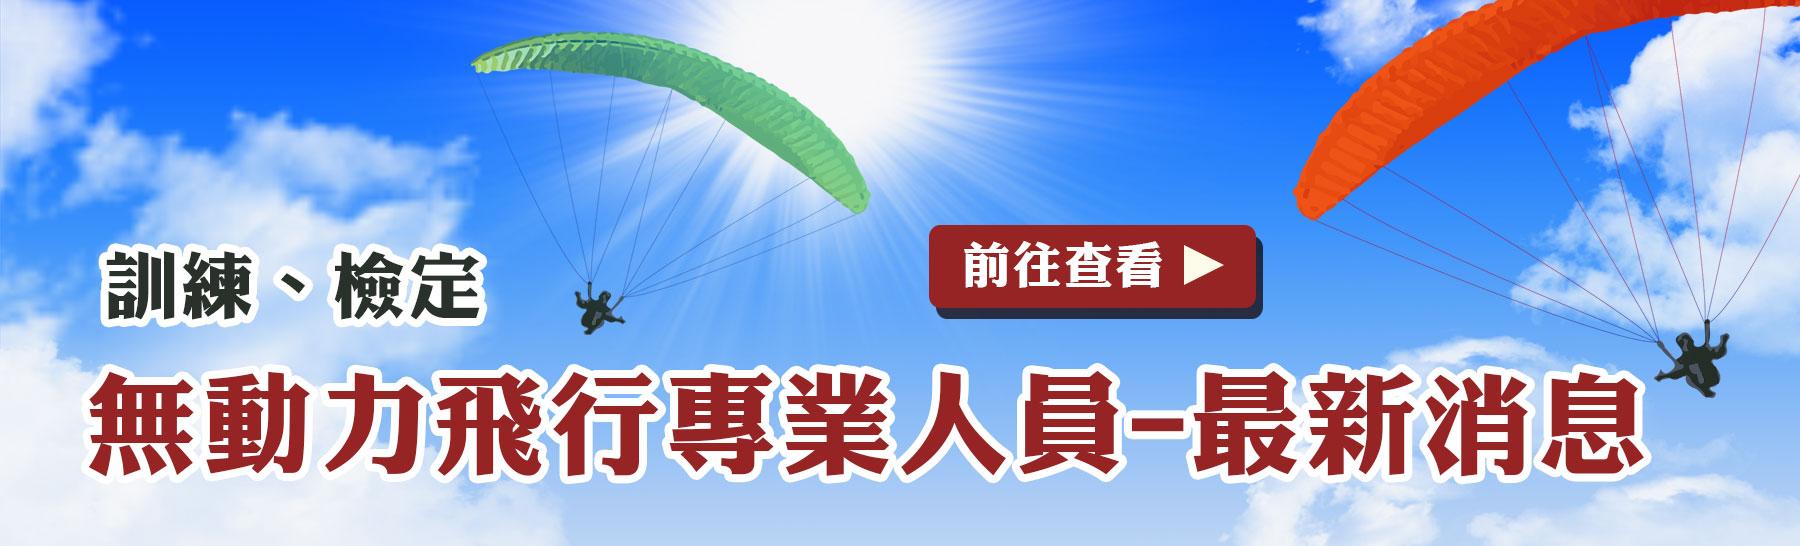 無動力飛行傘專業人員最新消息